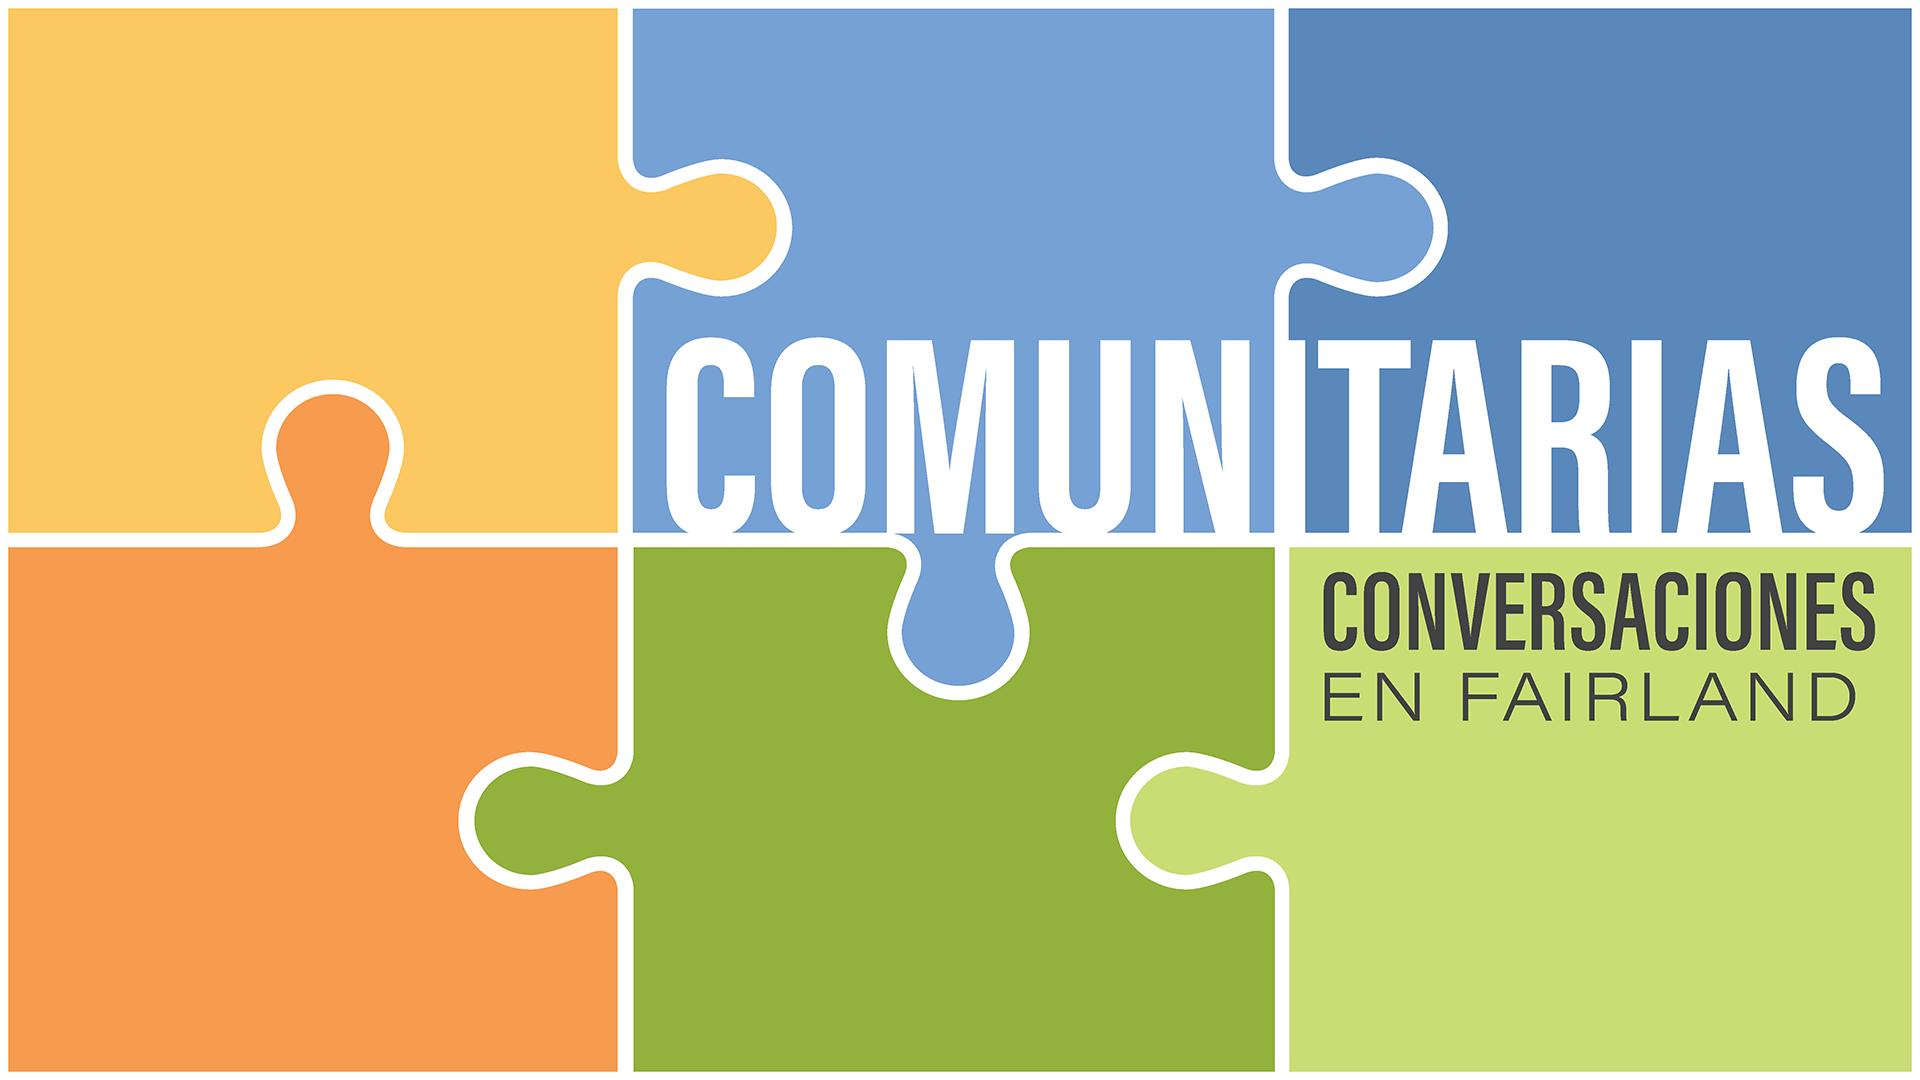 Conversaciones ComUNITARIAS en Fairland